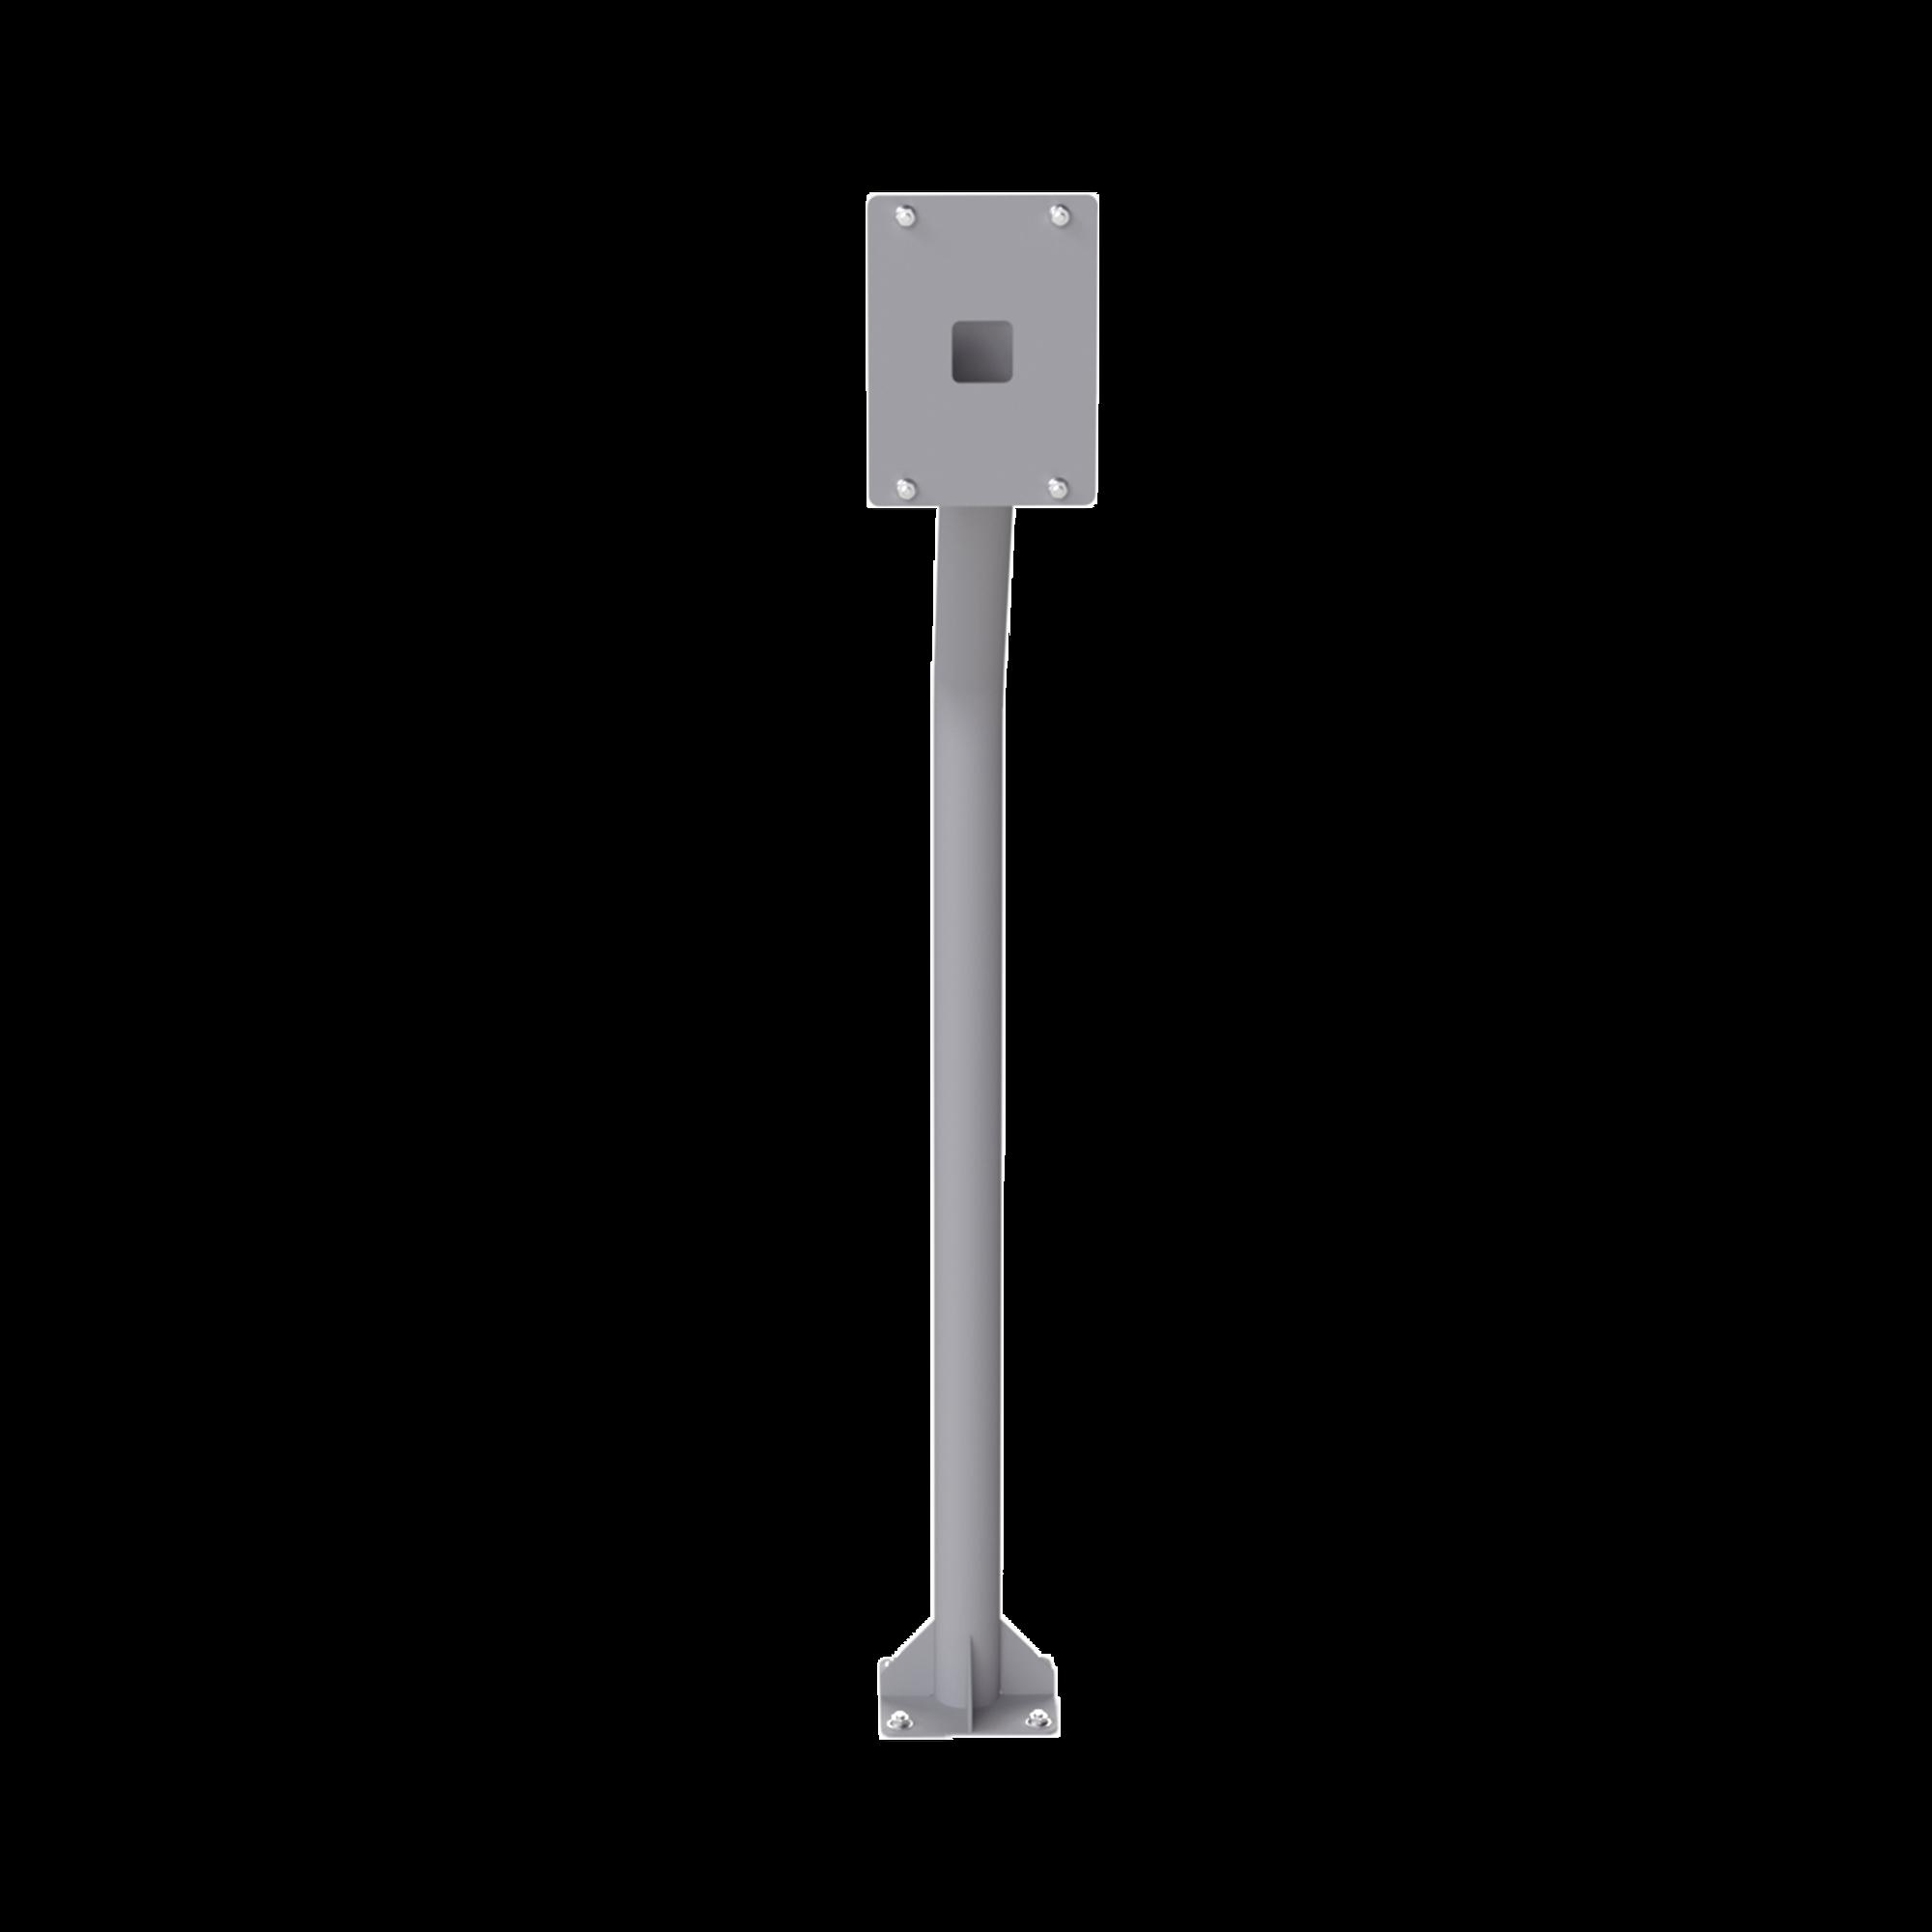 Base tipo tubular para instalación de cubierta BASEINT de videoporteros o interfones IP Fanvil y Grandstream, altura de 1.2 metros, pintura electrostática color gris.